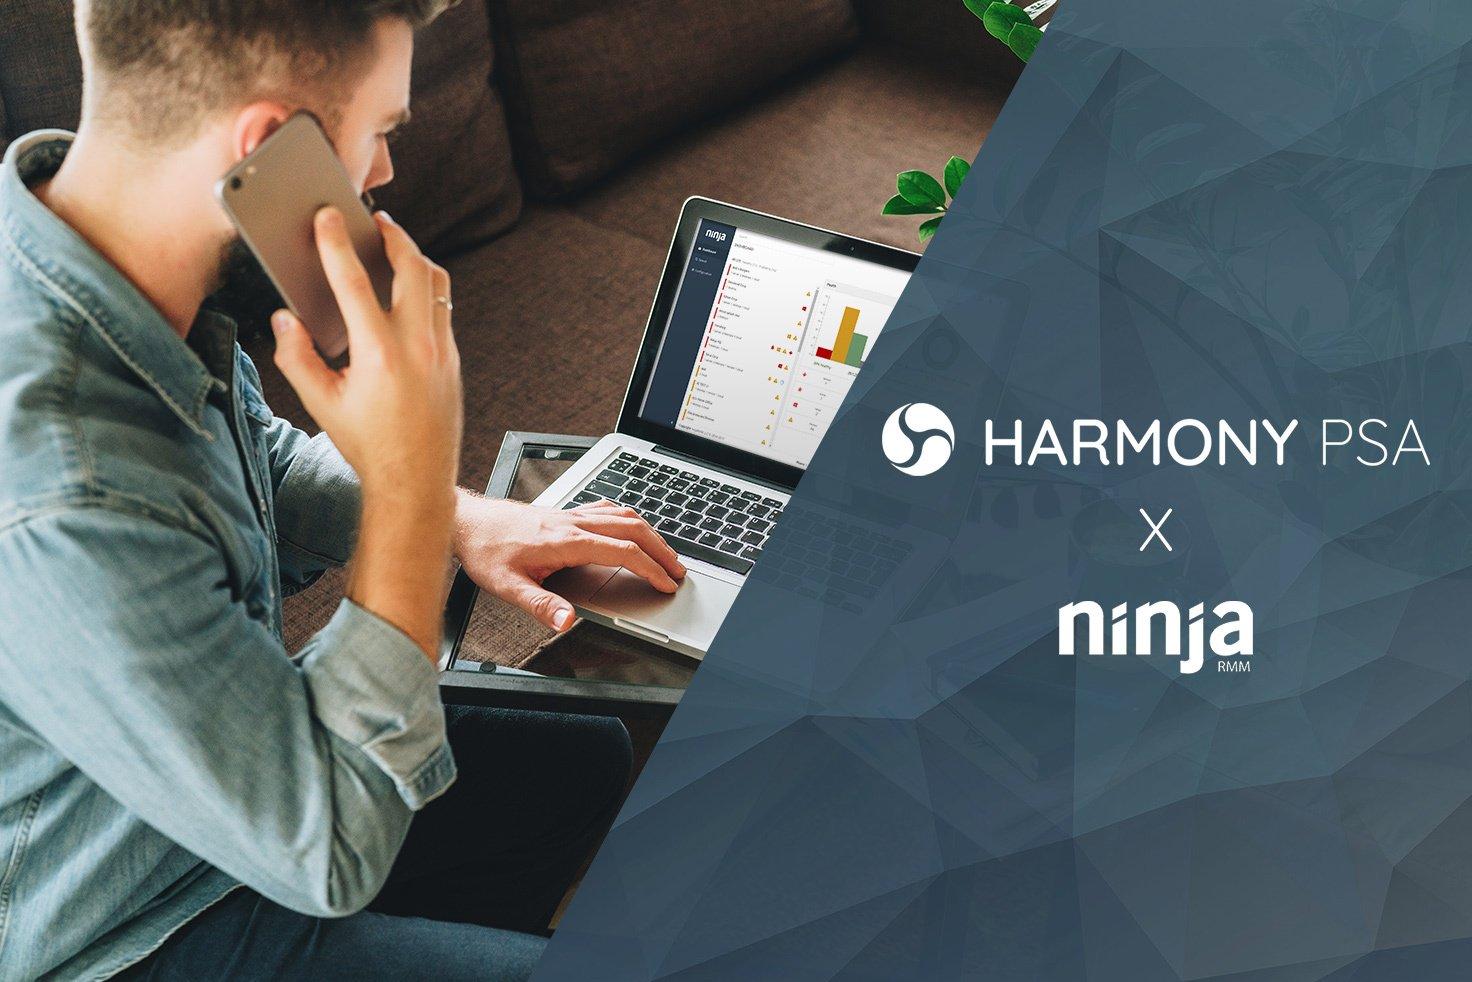 NinjaRMMxHarmony-Post-1